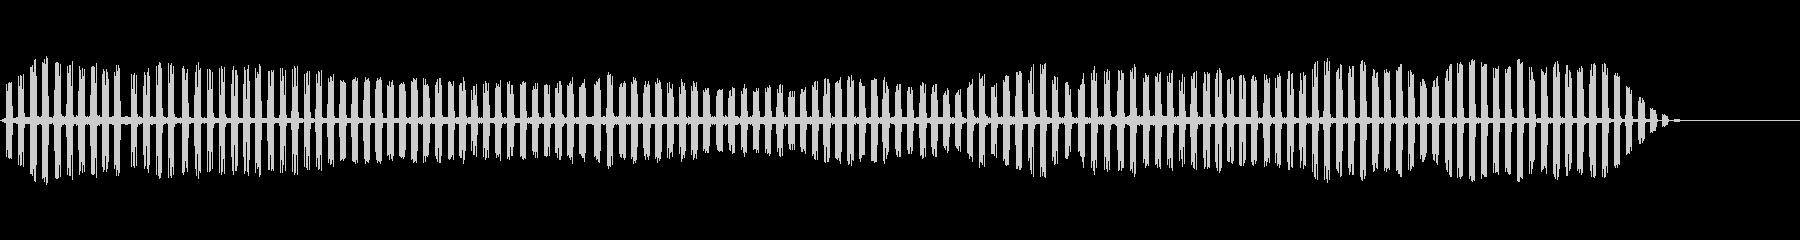 セミクリケット-昆虫2の未再生の波形